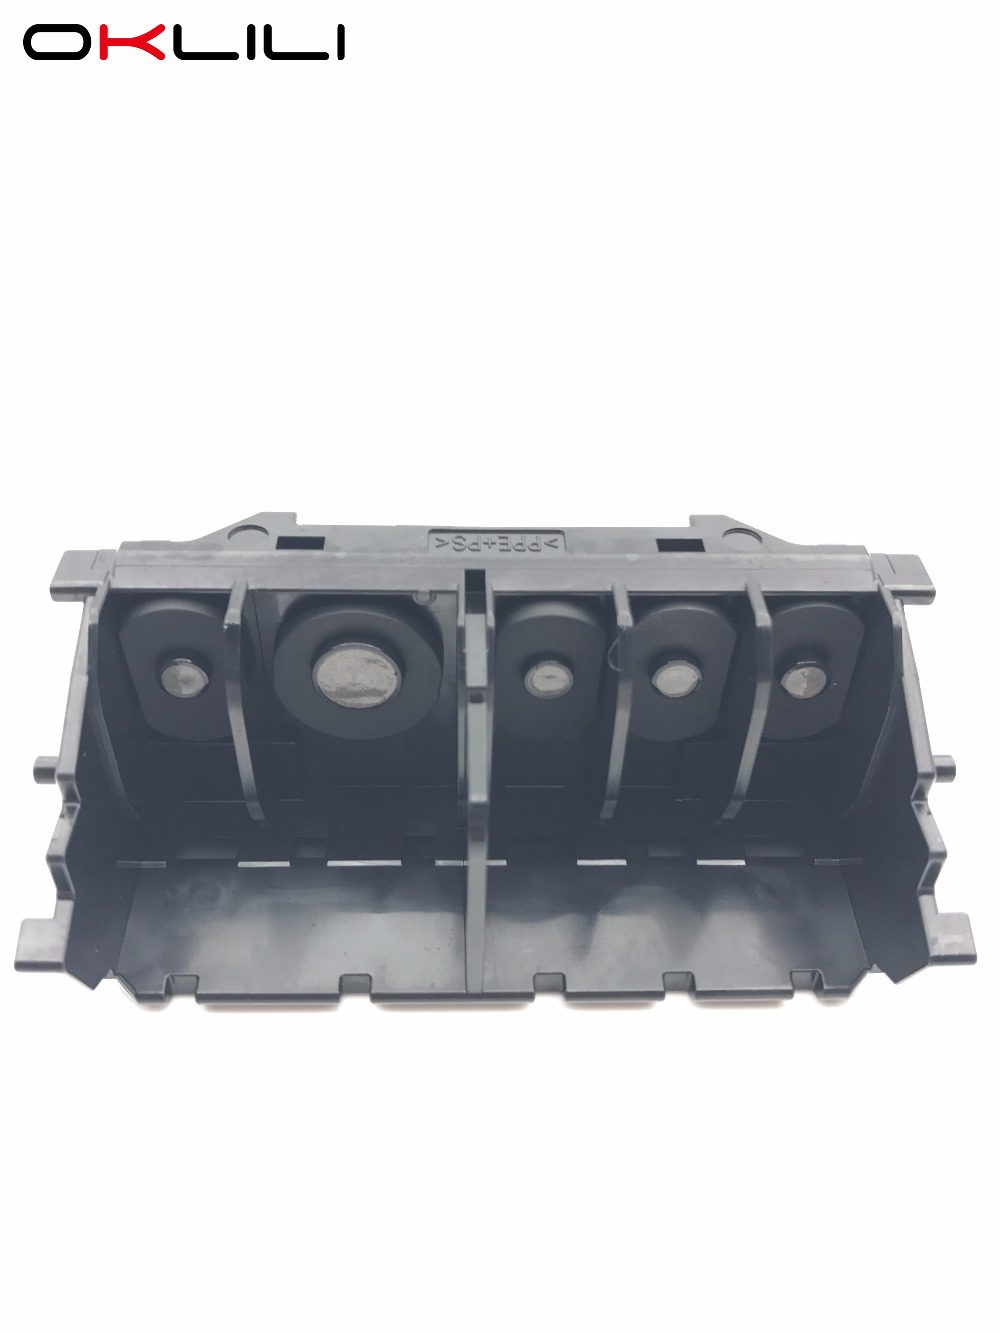 QY6-0082 Tête D'impression Tête d'impression pour Canon iP7200 iP7210 iP7220 iP7240 iP7250 MG5410 MG5420 MG5440 MG5450 MG5460 MG5470 MG5500